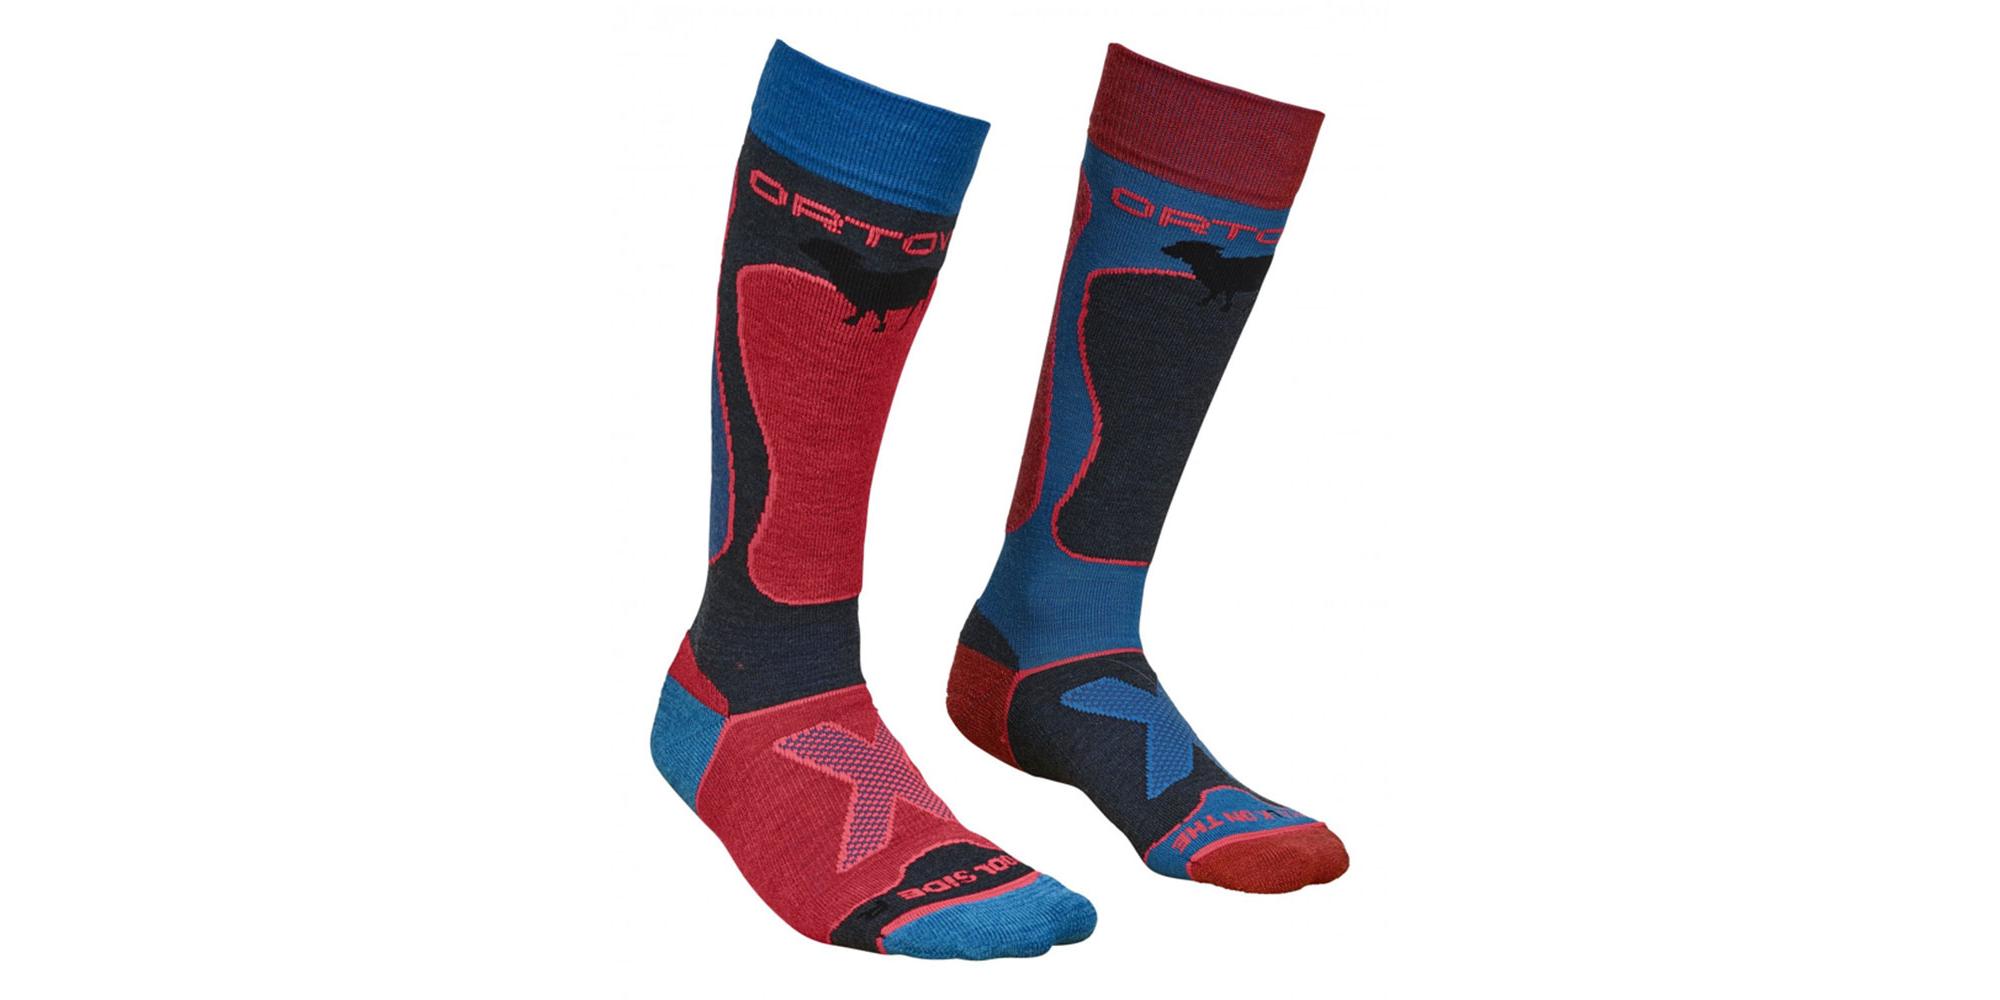 Ponožky W's Ski Rock'n'Wool Ortovox